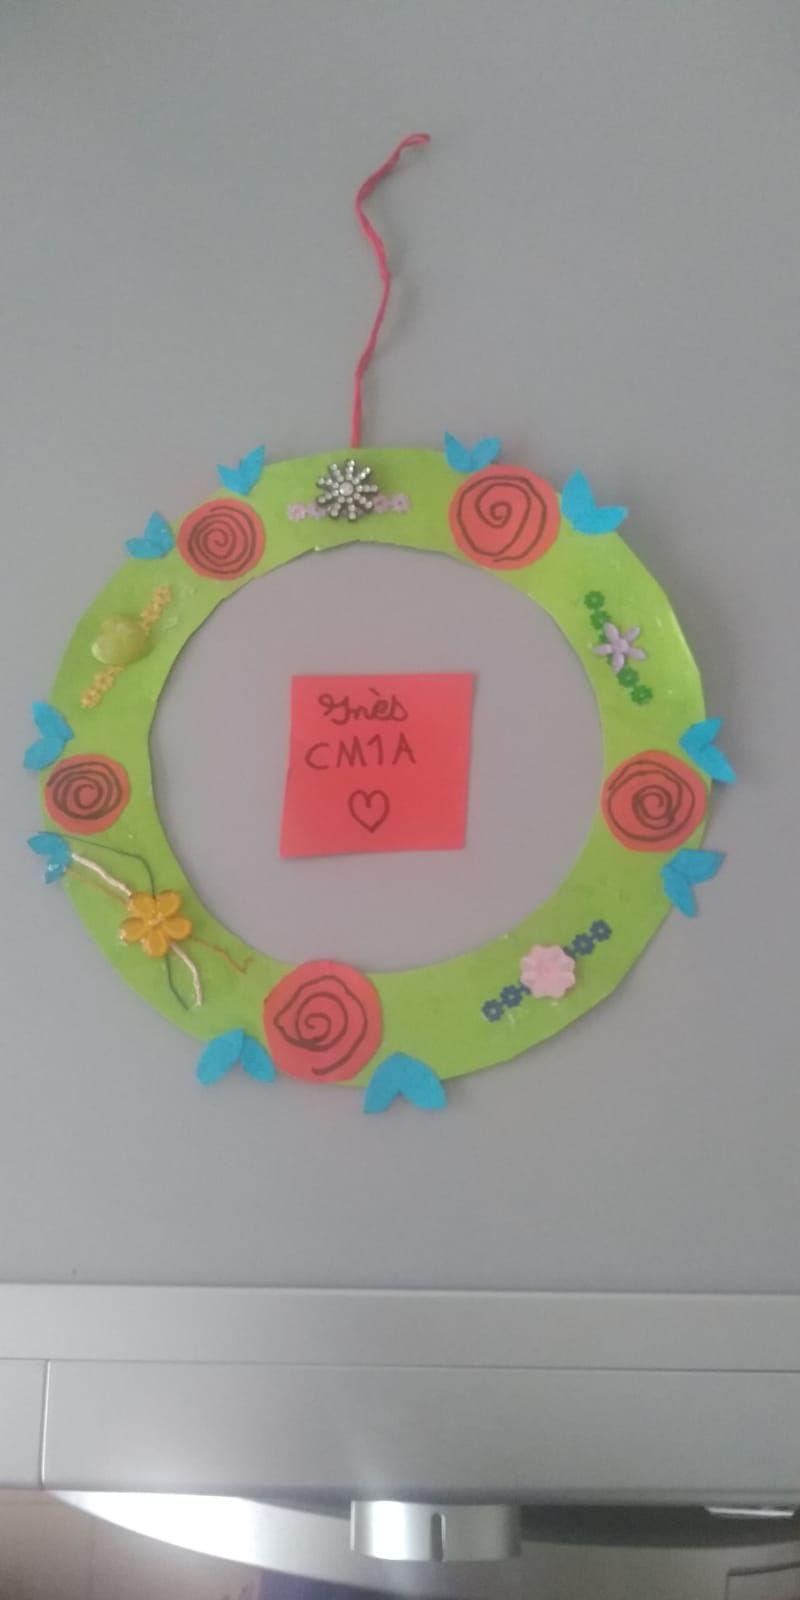 La couronne de fleurs de Inès CM1A